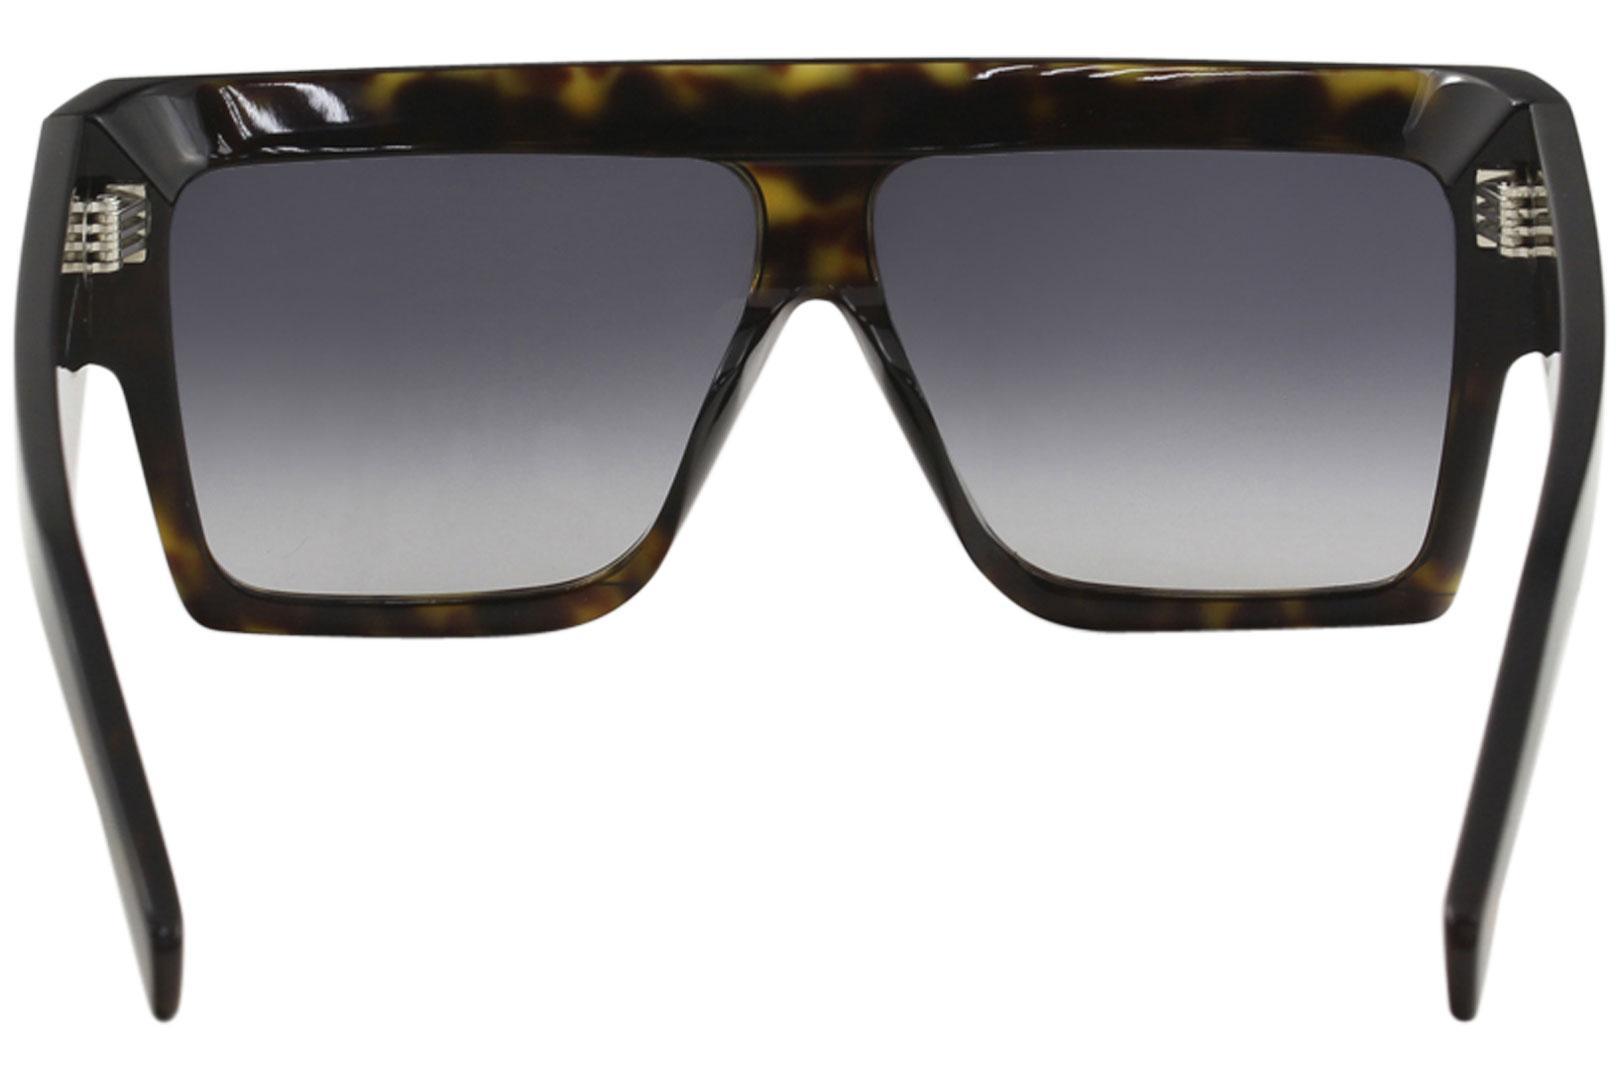 63dcf481e7e Celine Women s CL40030F CL 40030 F Fashion Pilot Sunglasses by Celine